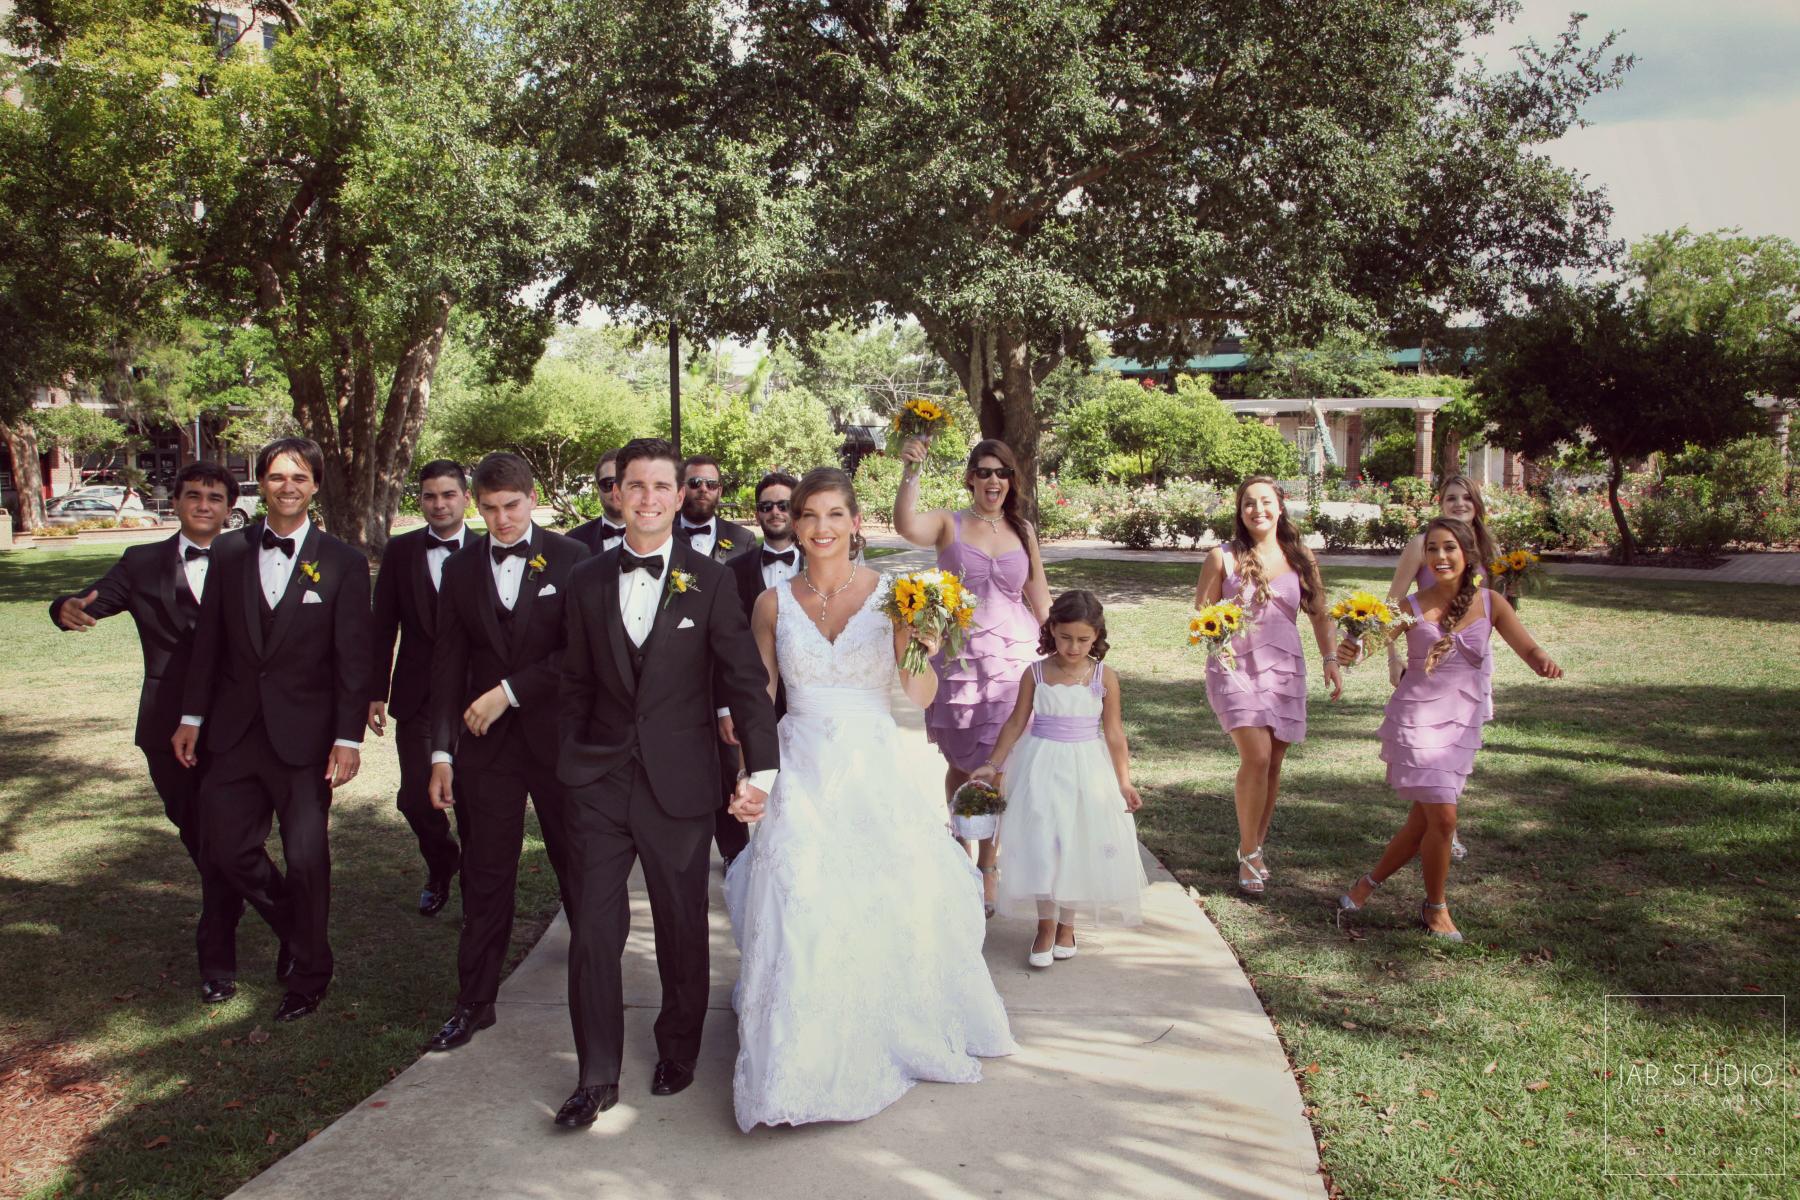 17-outdoor-wedding-party-winter-park-jarstudio-photographer.JPG